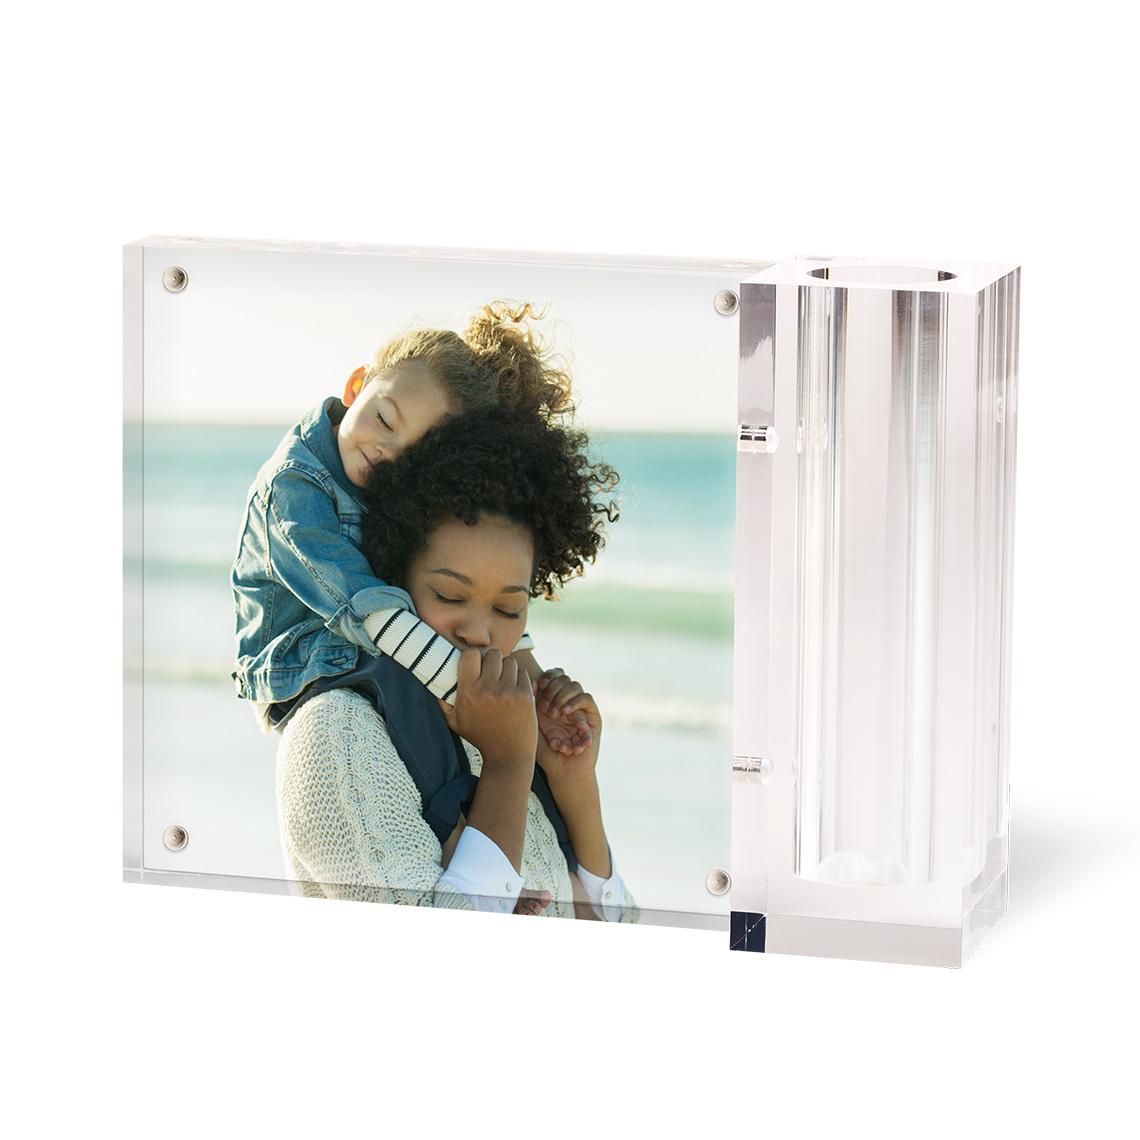 Personalized Acrylic Photo Desk Set Acrylic Deskset Home Gift